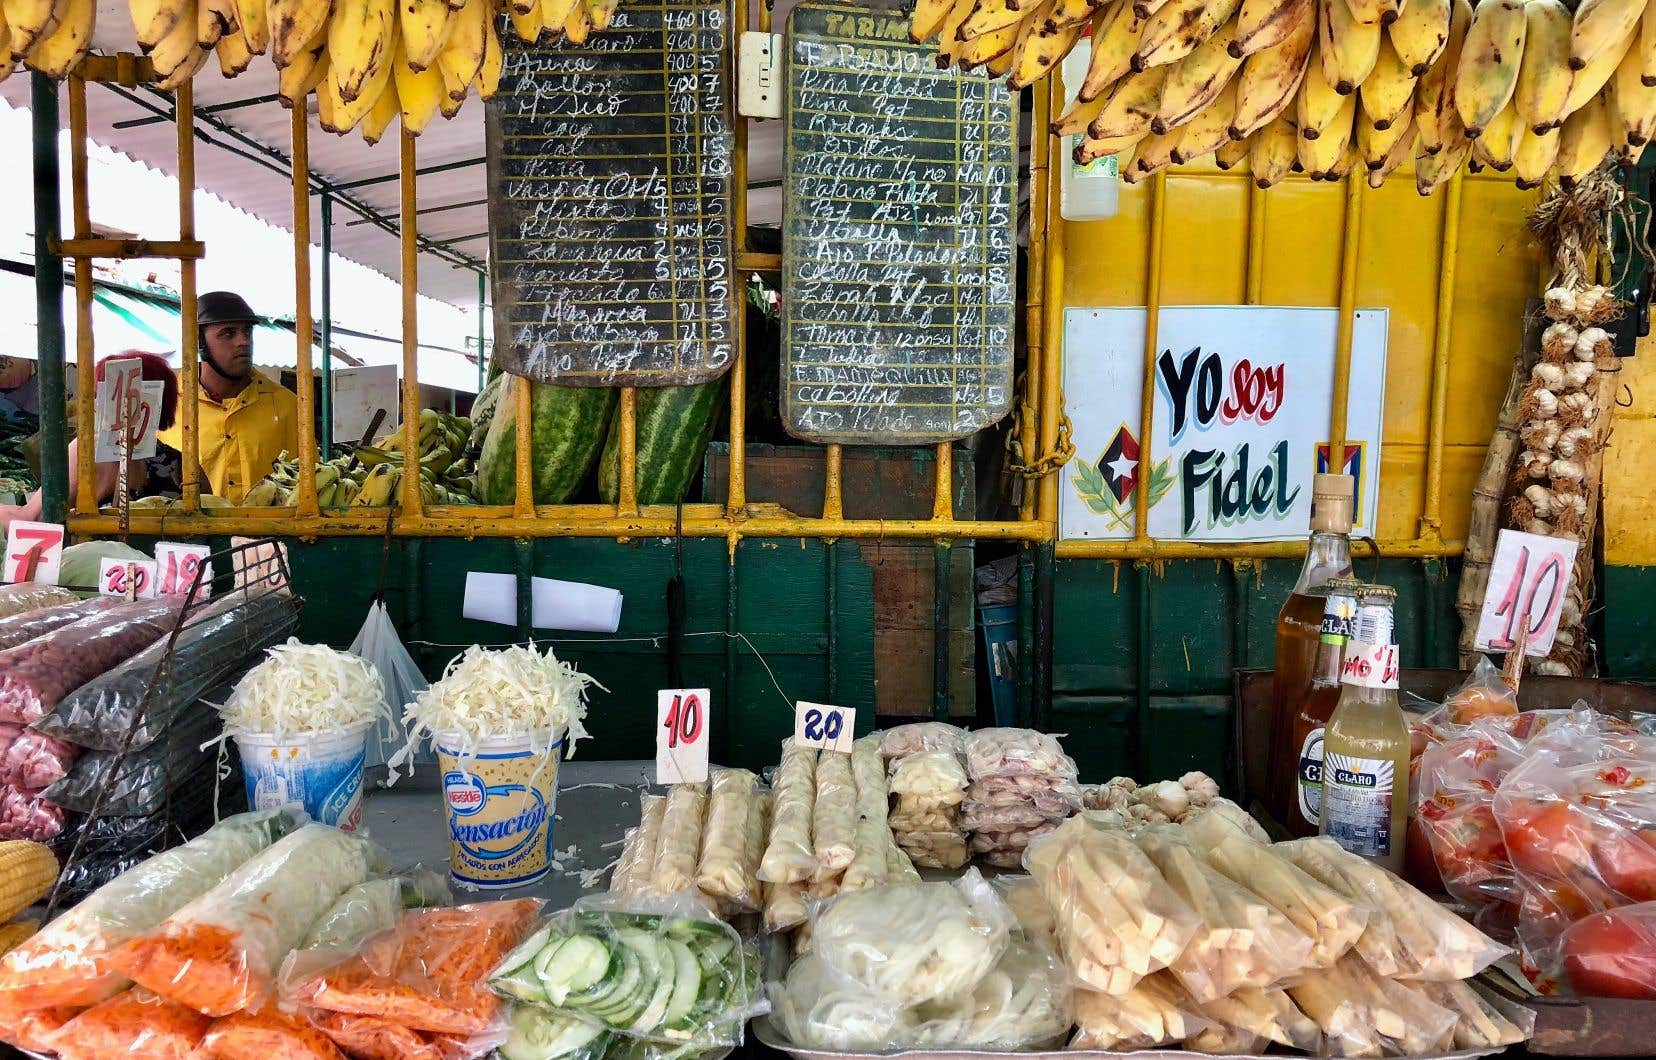 Une visite au marché local, ici le Mercado San Rafael, dans Centro, est toujours instructive…